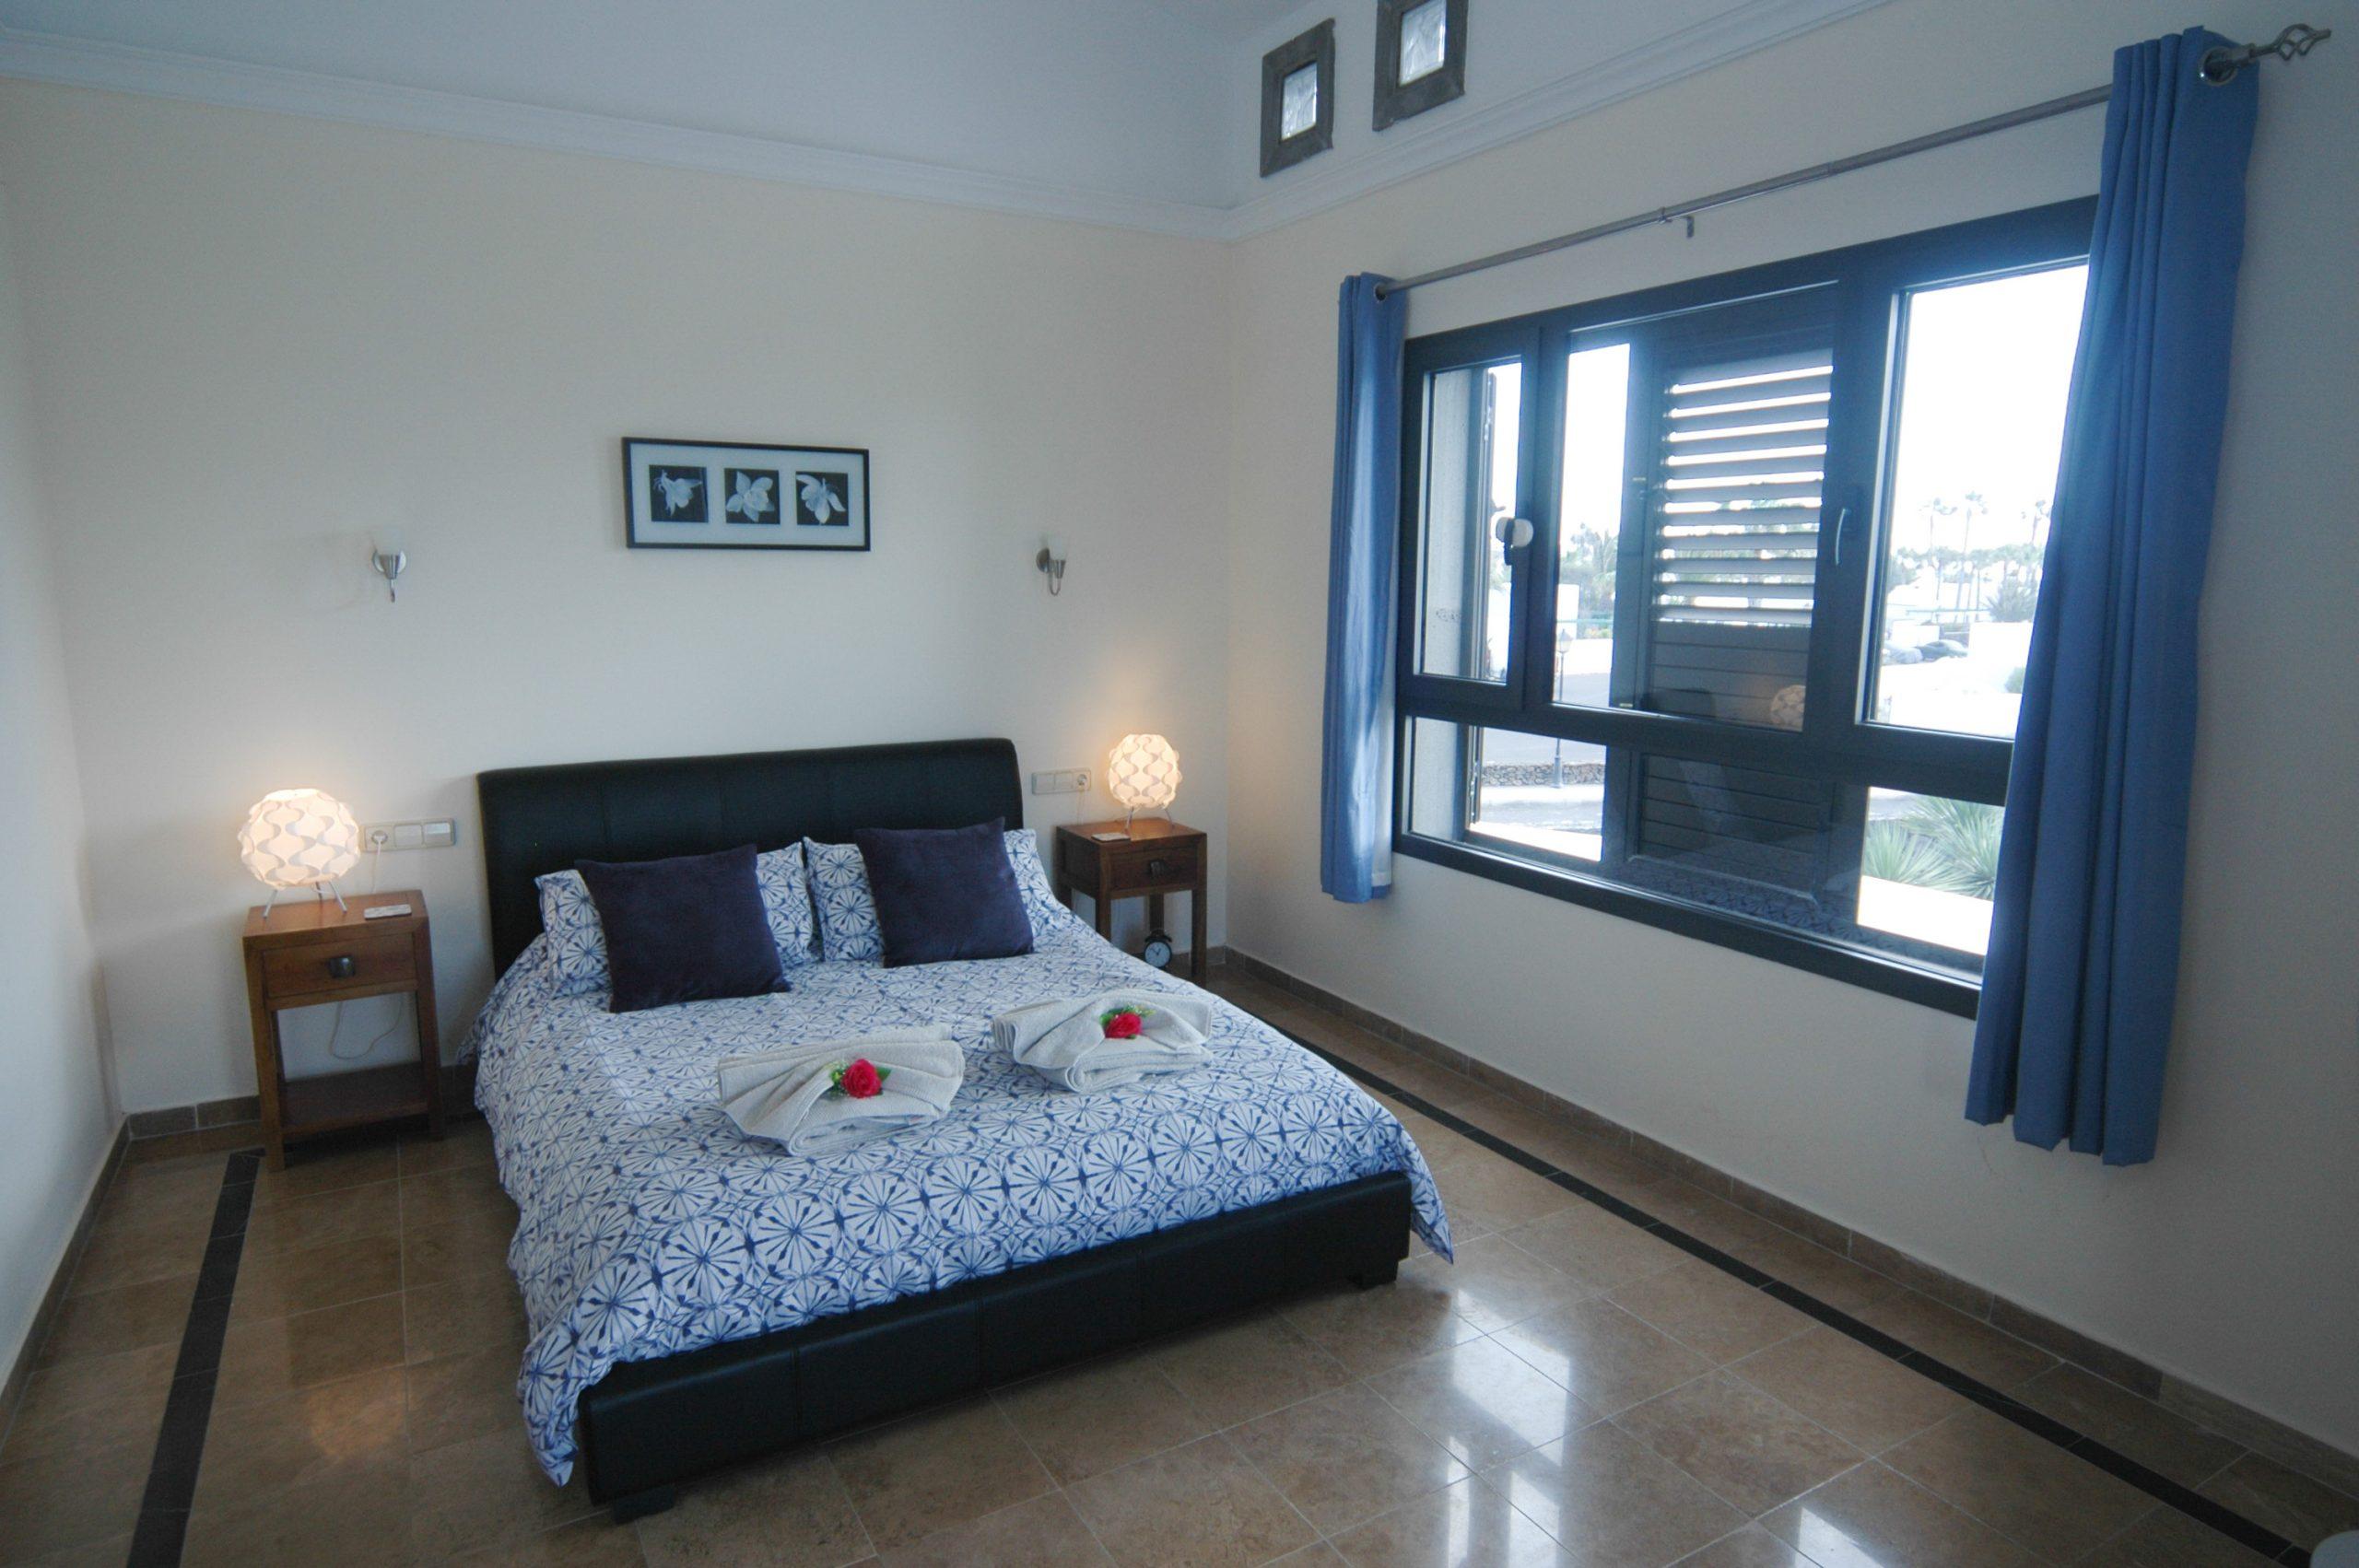 Villa_LVC338912 - Playa Blanca Villa master bedroom with en suite